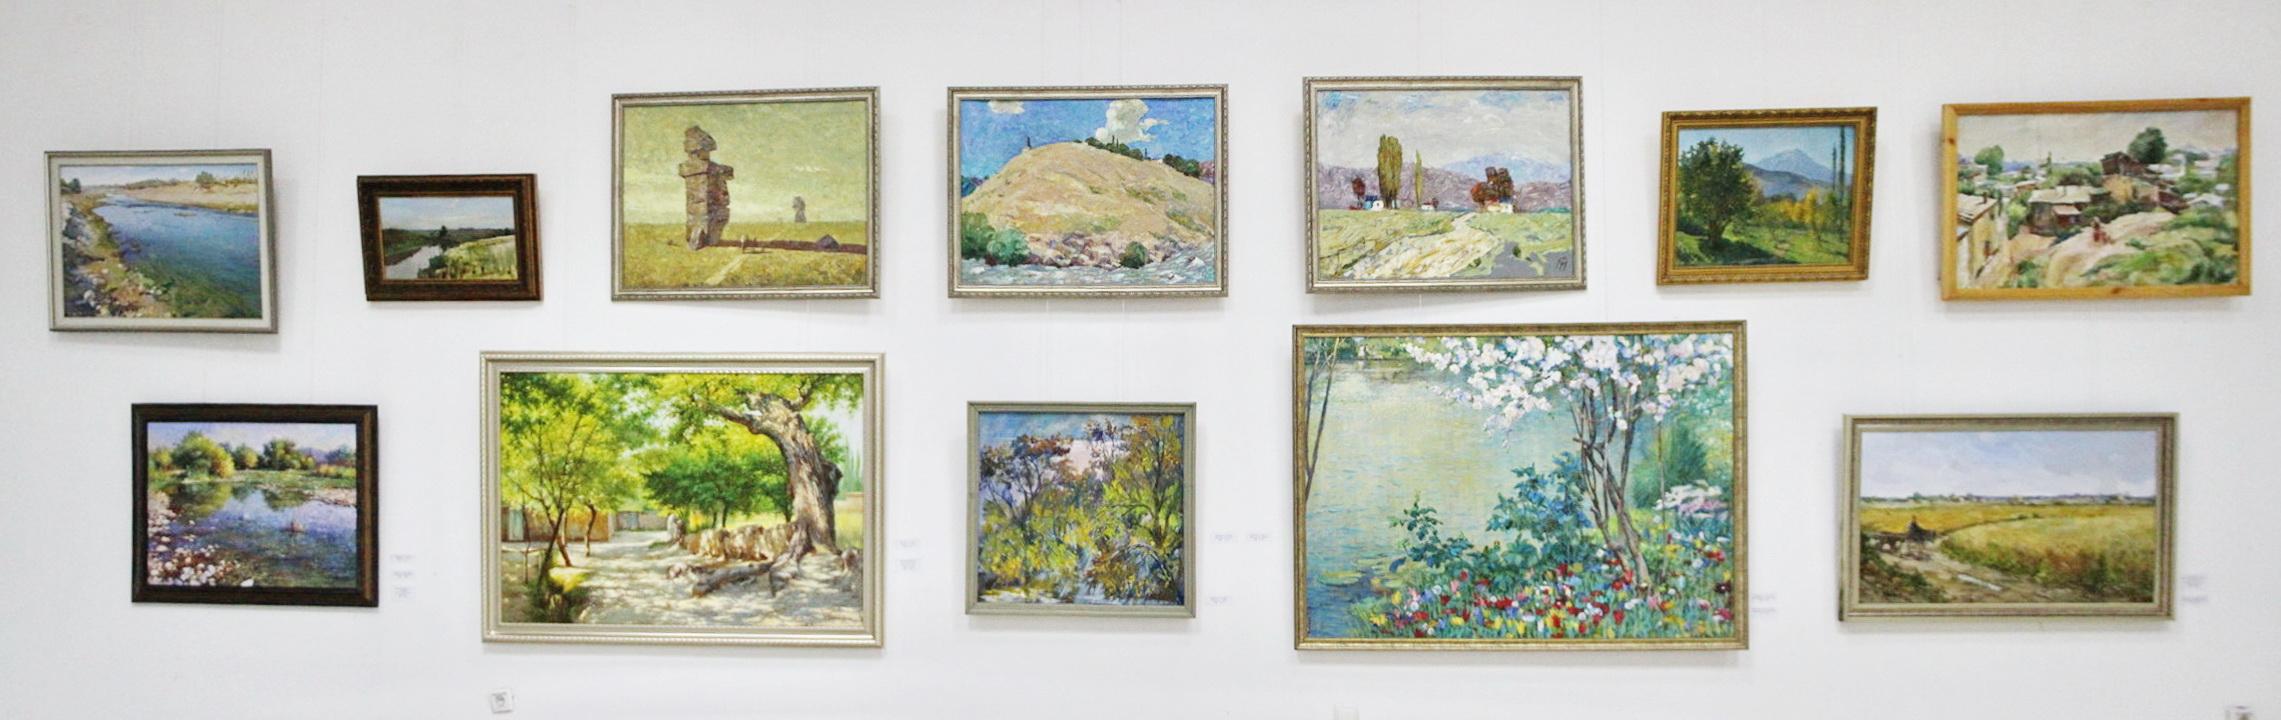 Художник и природа. 2020. Экспозиция картин (2)